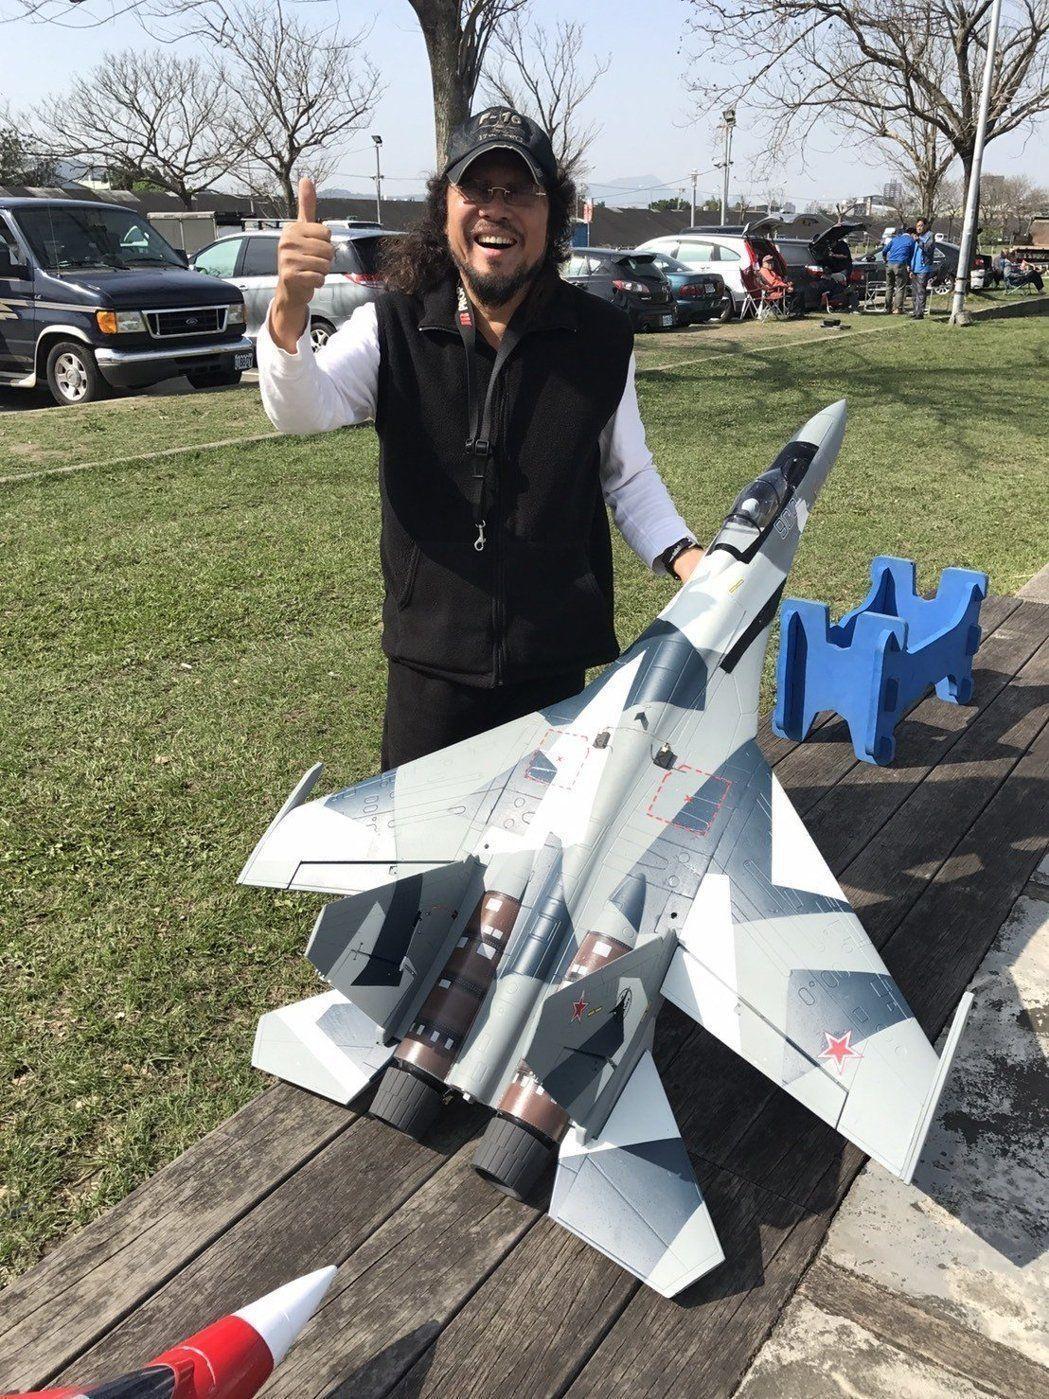 這年來,菲哥因為父親年邁不遠遊,沒事就在河濱公園裡玩飛機,結束後就回家陪父親吃飯...